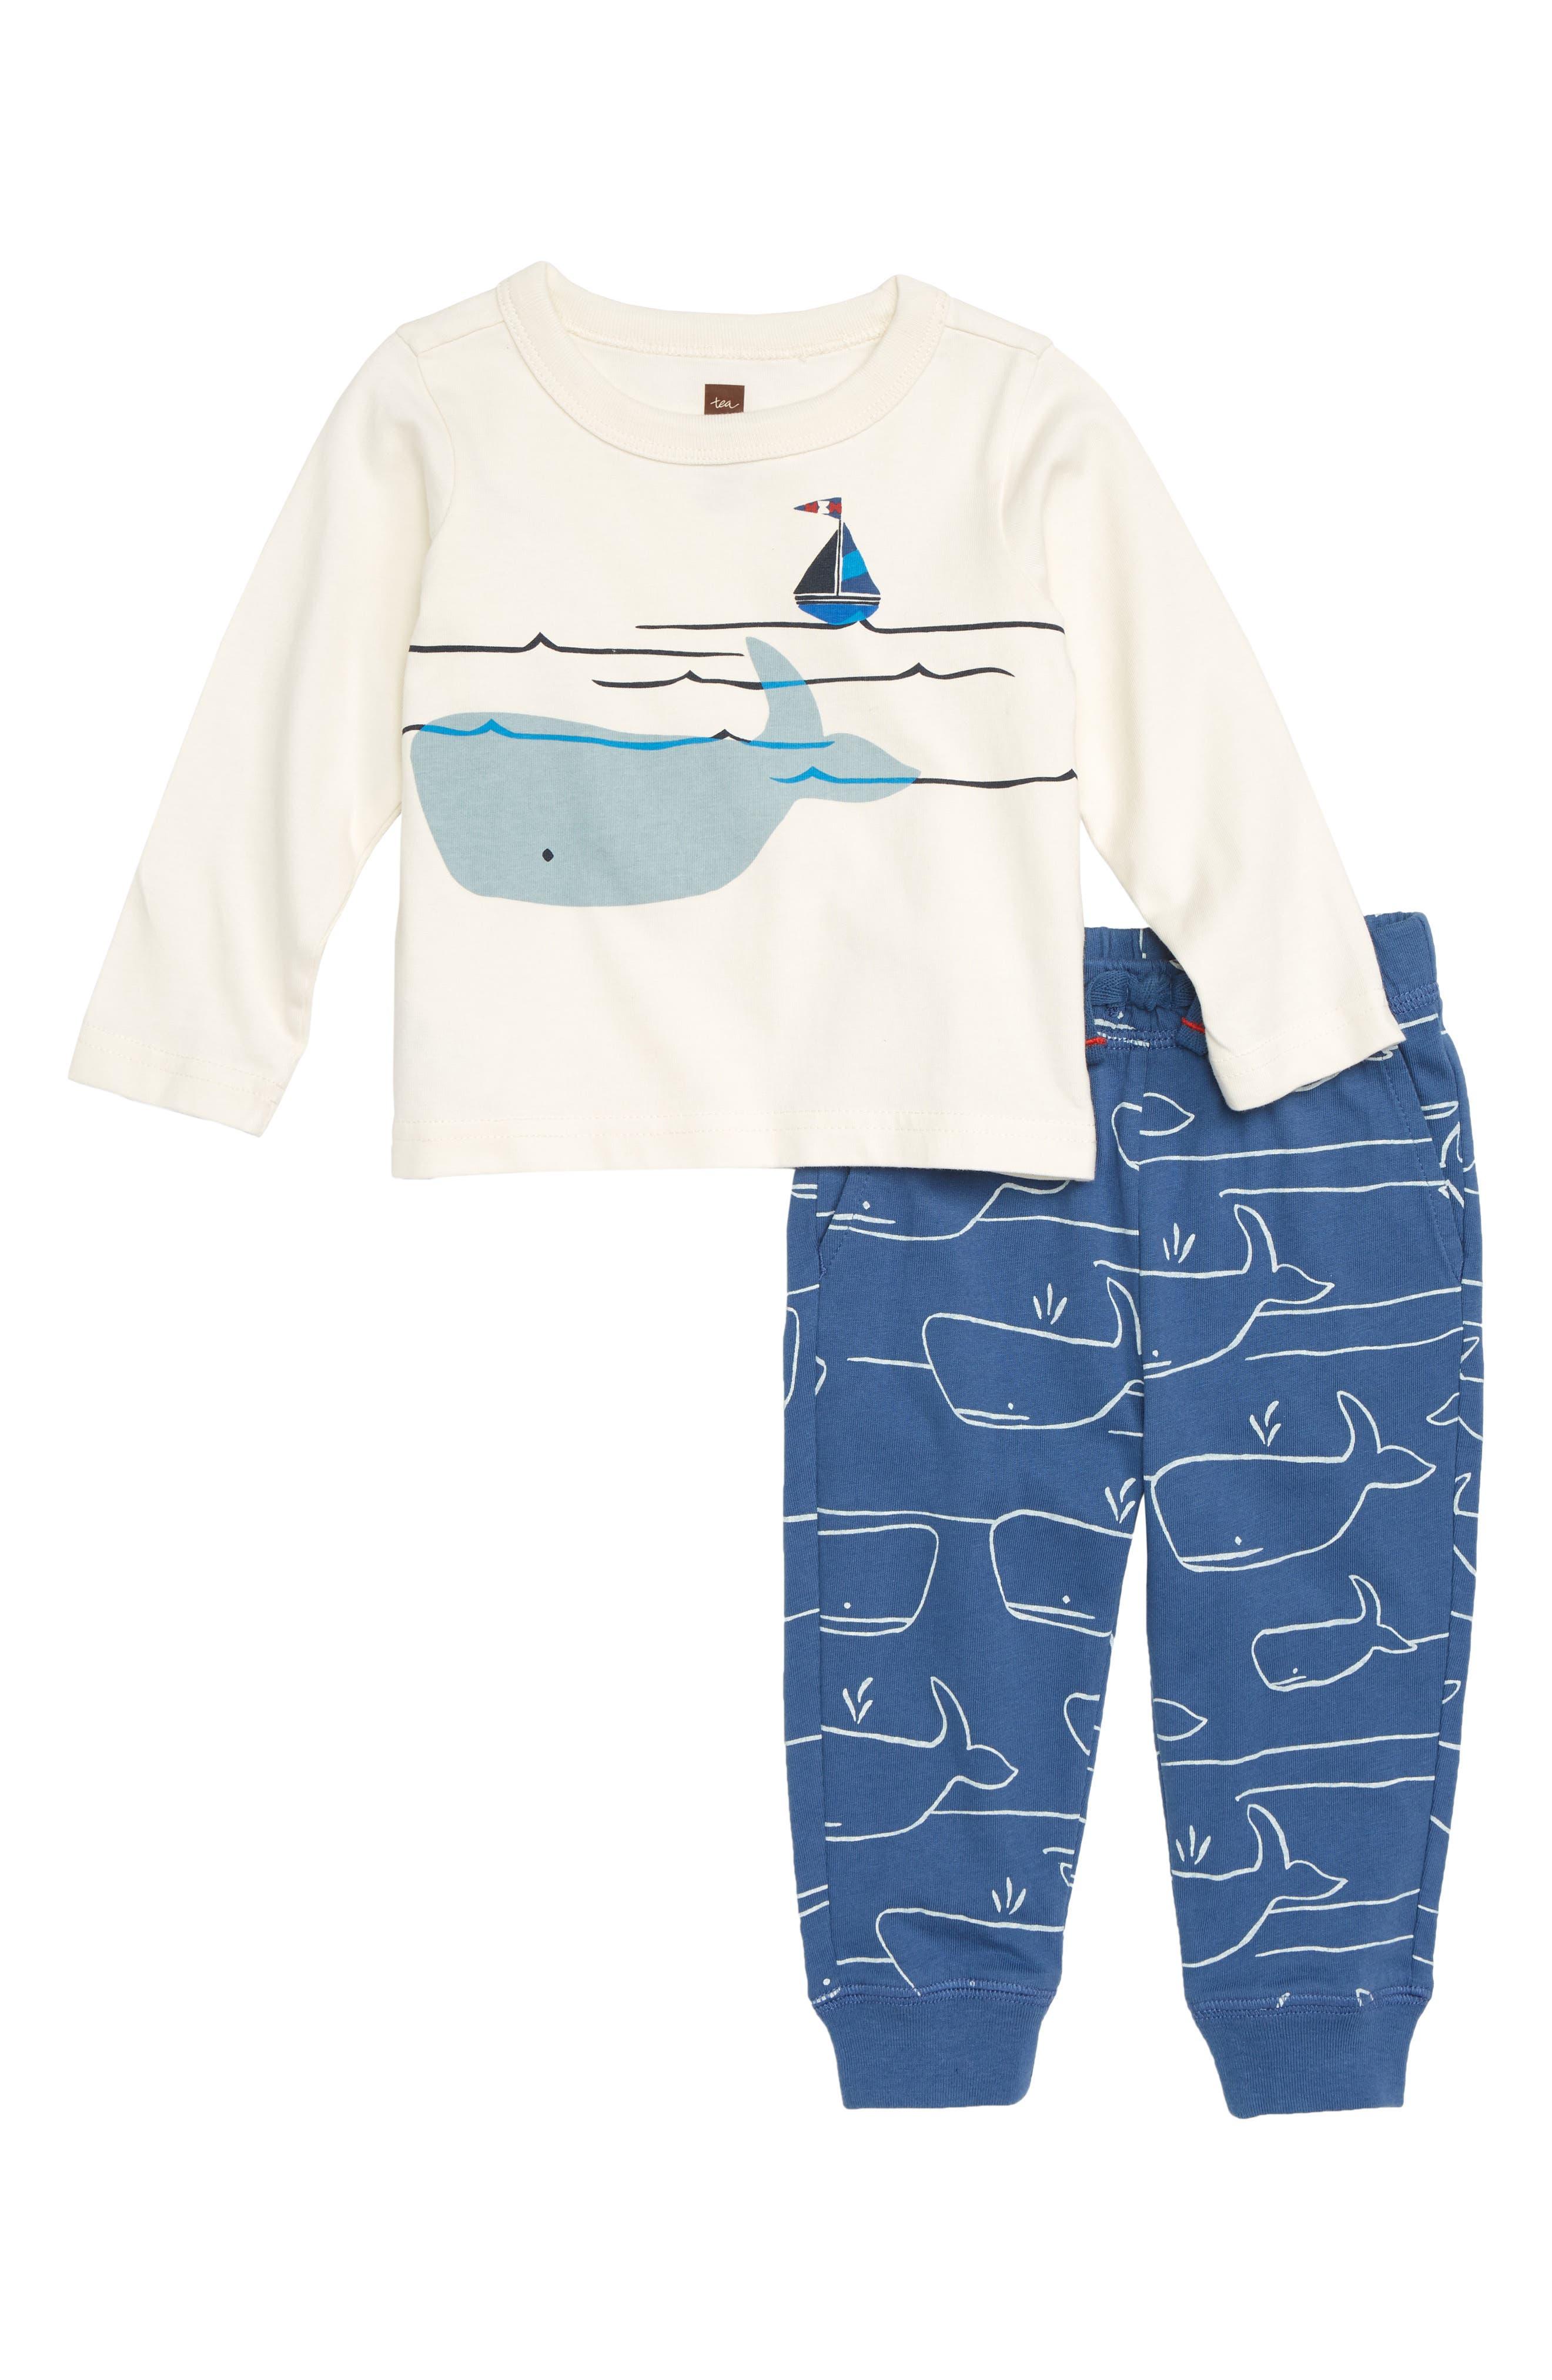 Diving Whale Graphic Shirt & Sweatpants Set,                             Main thumbnail 1, color,                             103